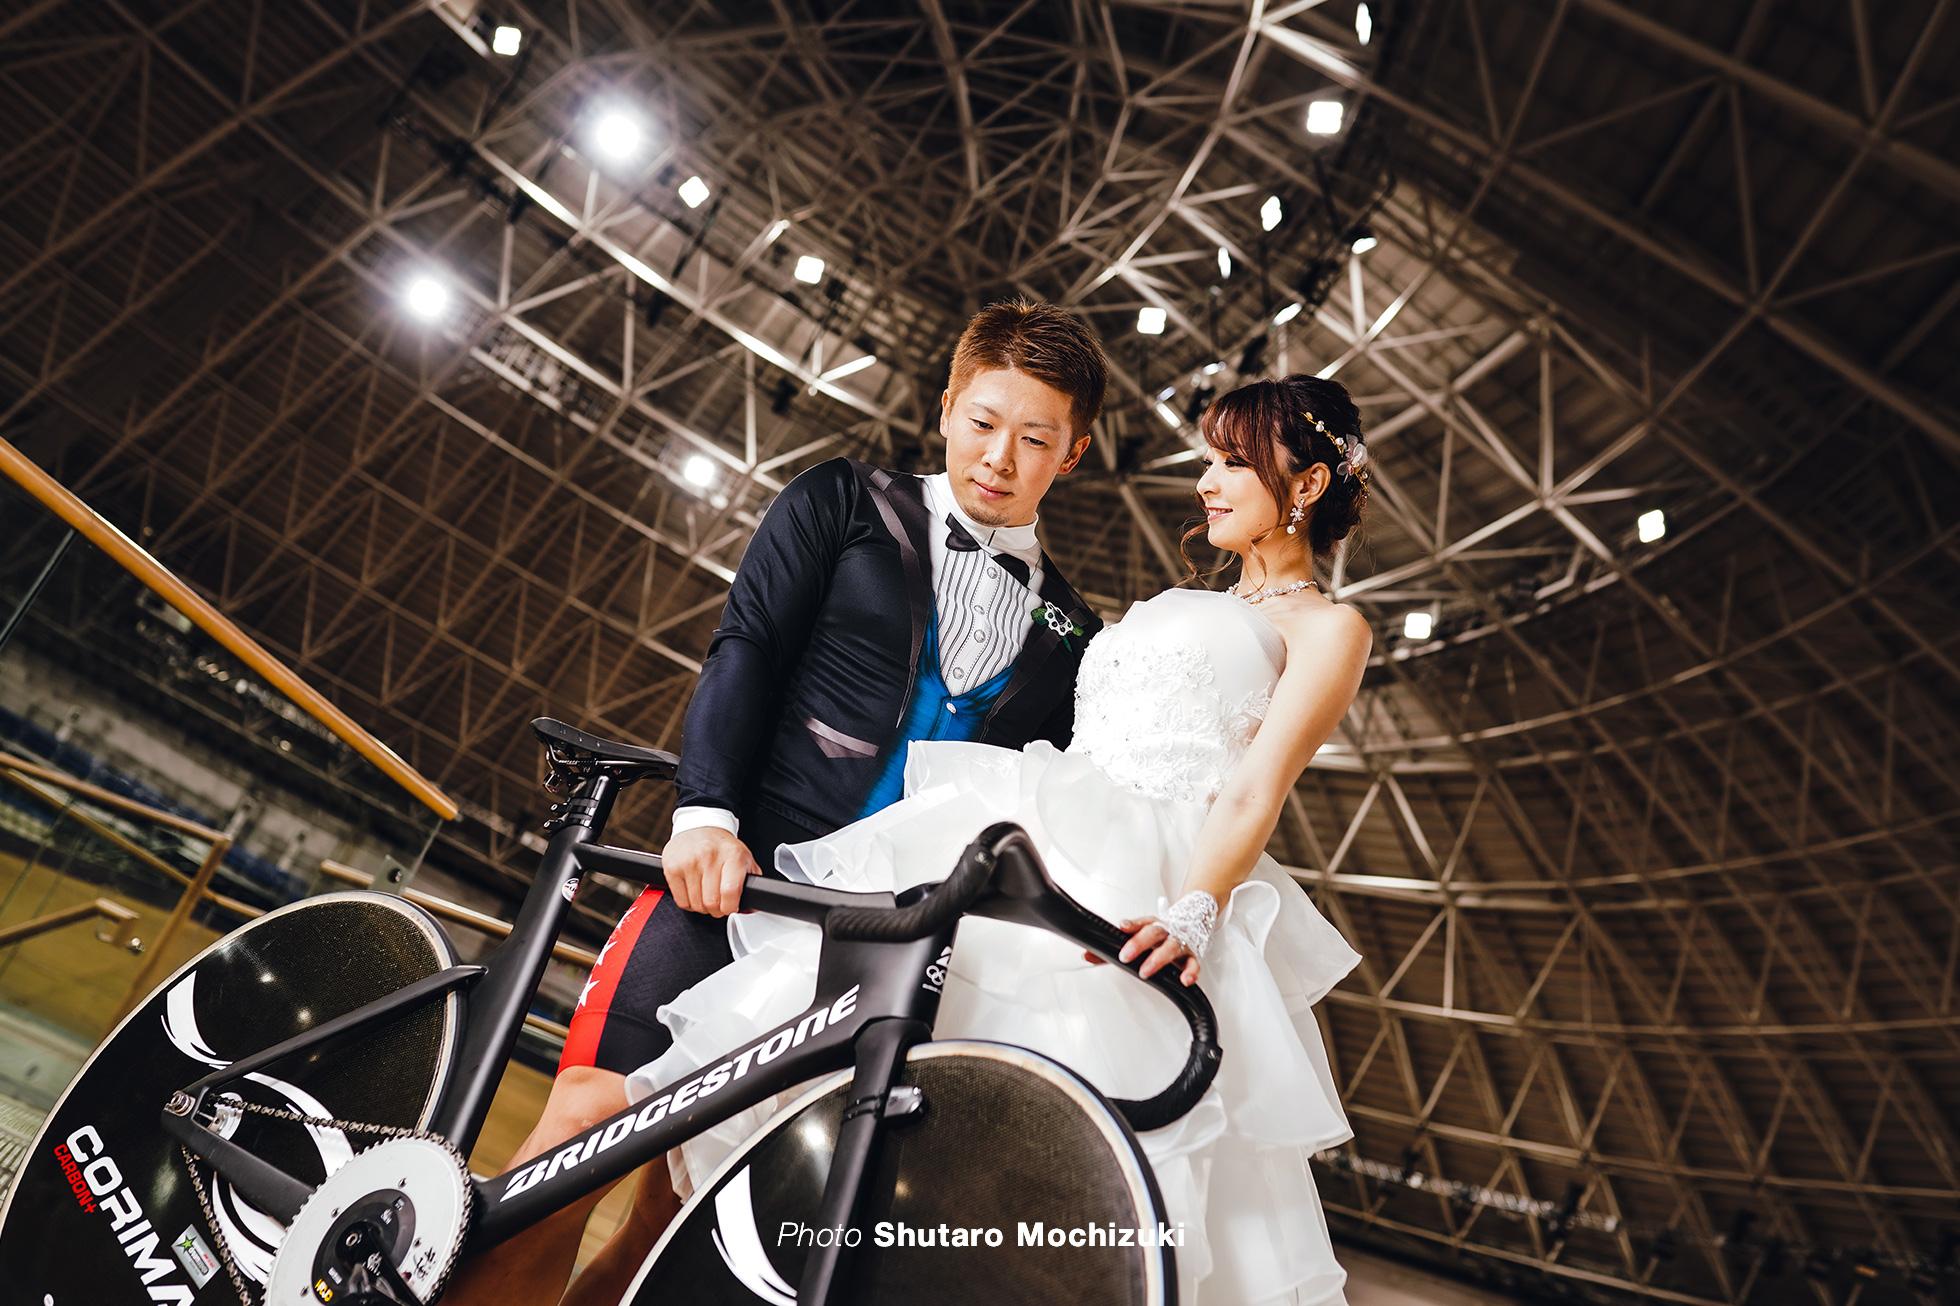 深谷知広, 安藤麻貴 結婚発表